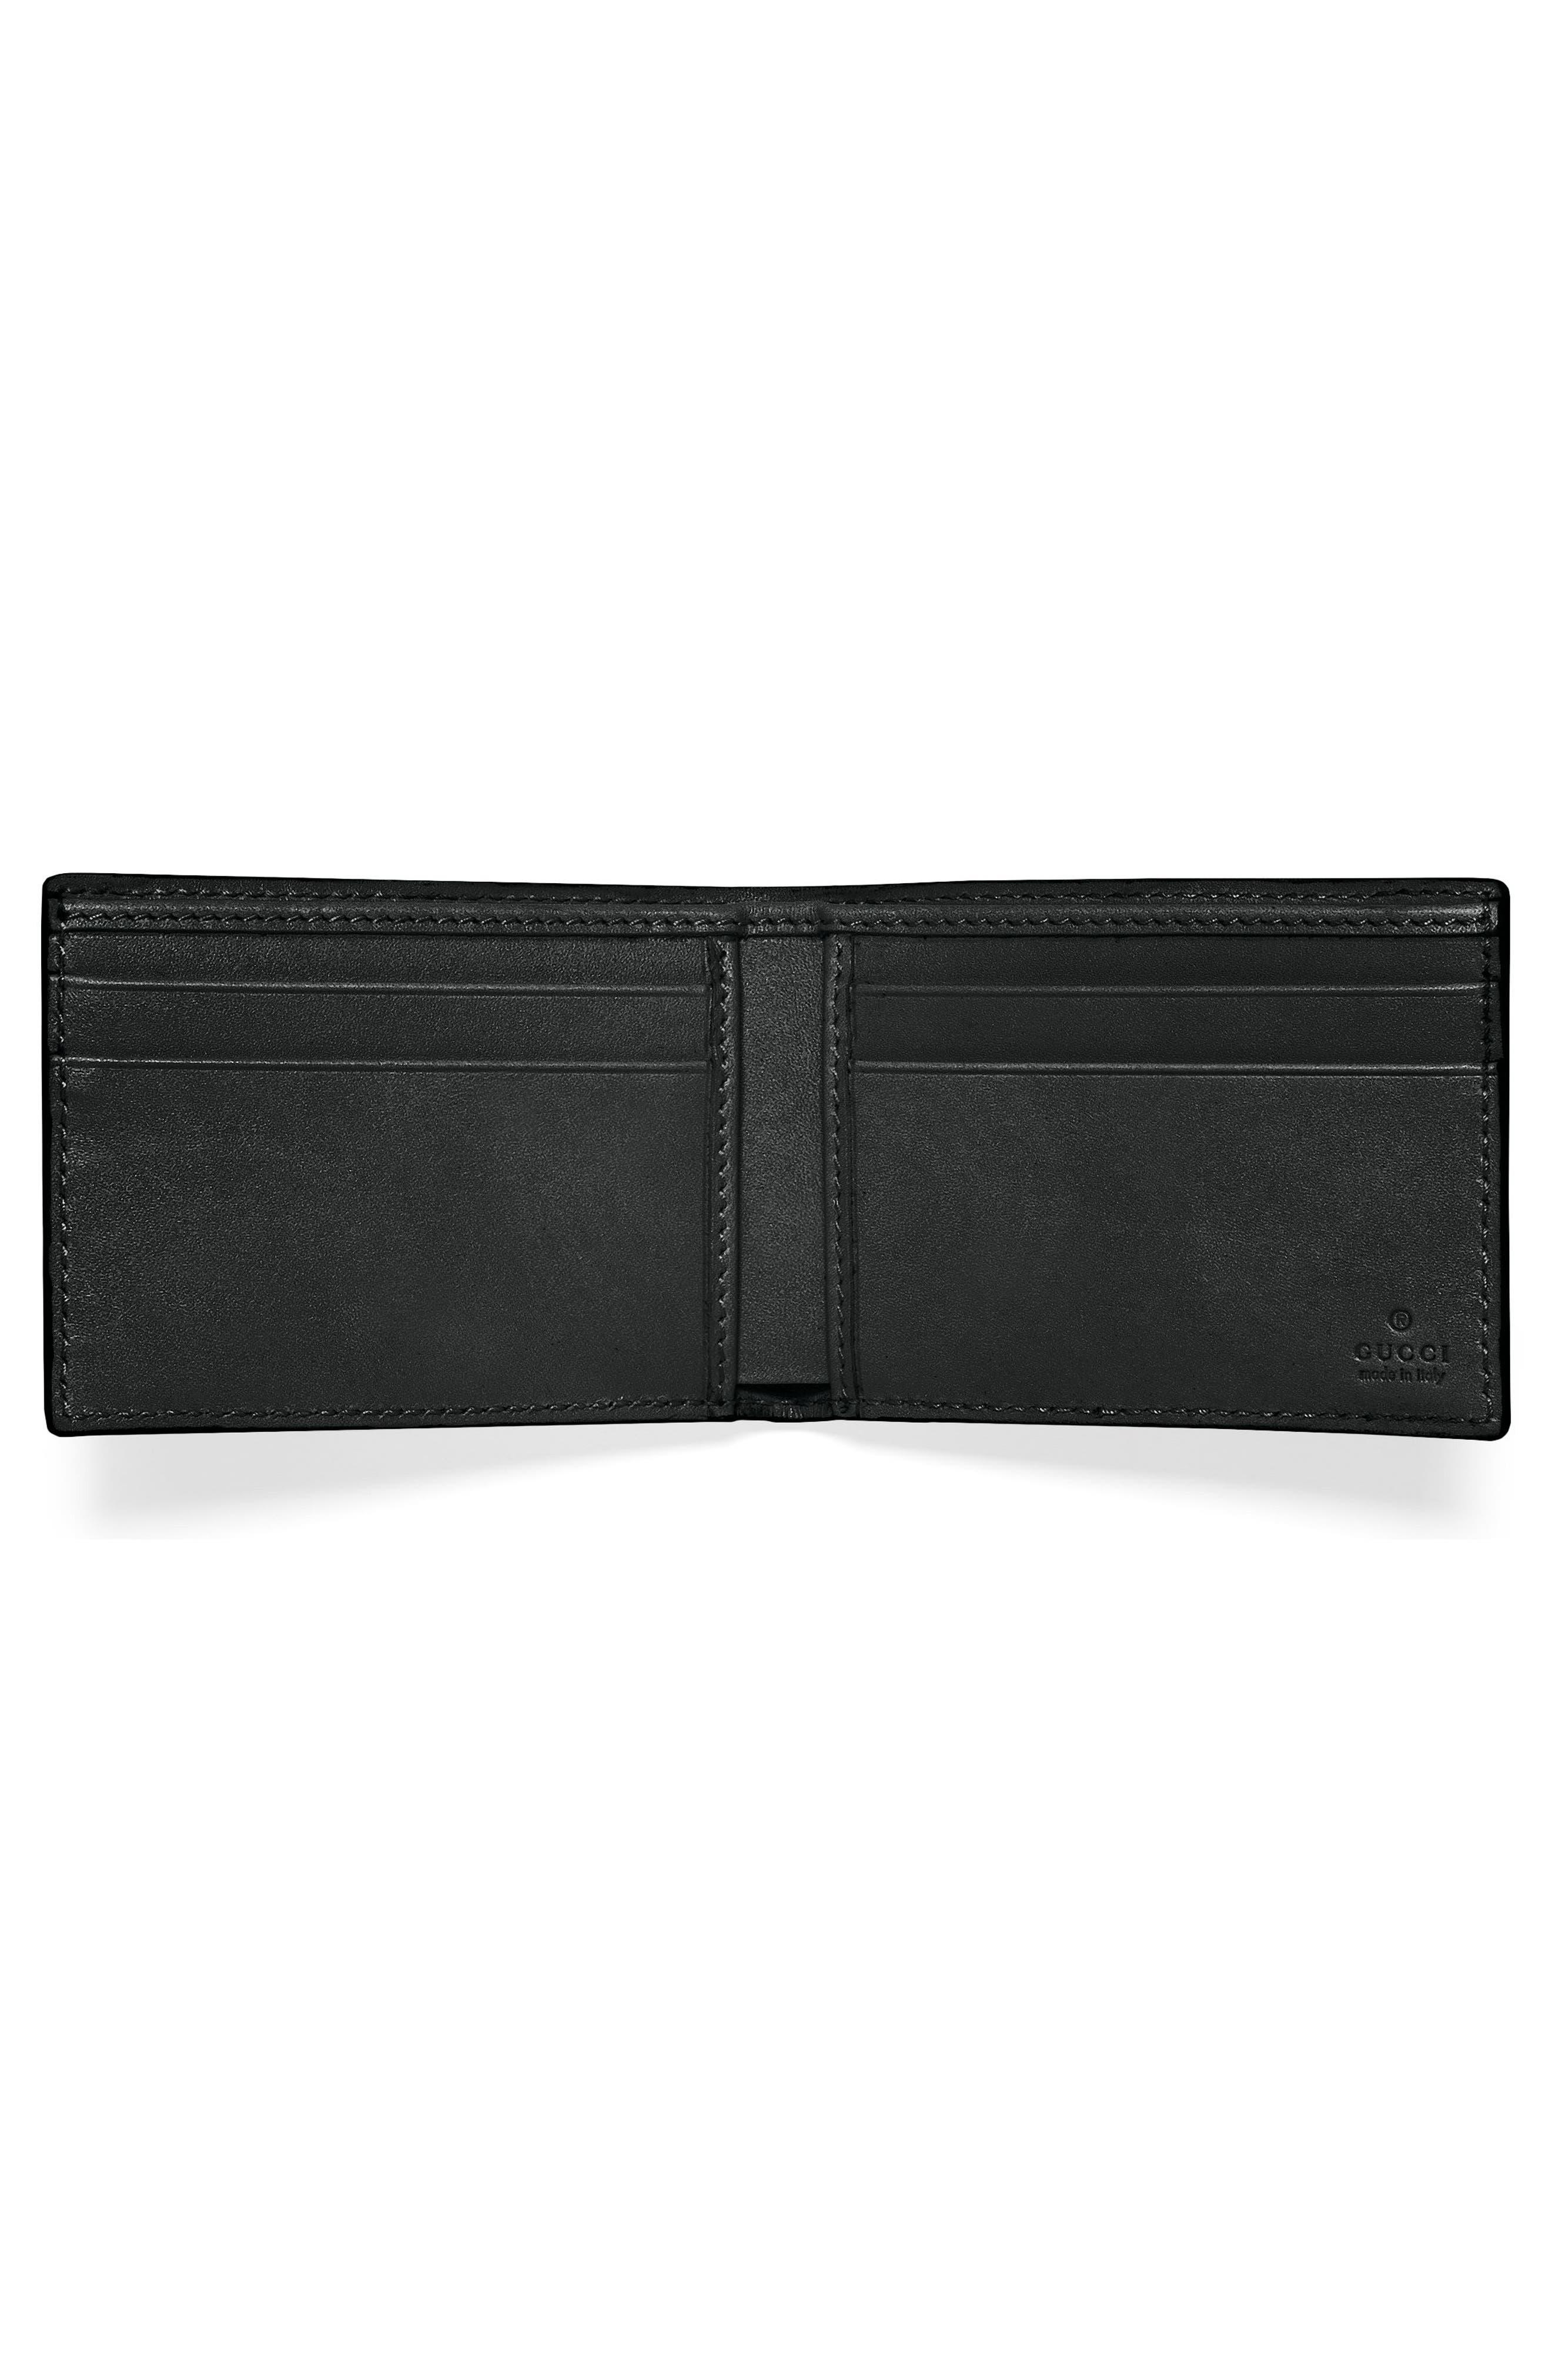 Avel Wallet,                             Alternate thumbnail 5, color,